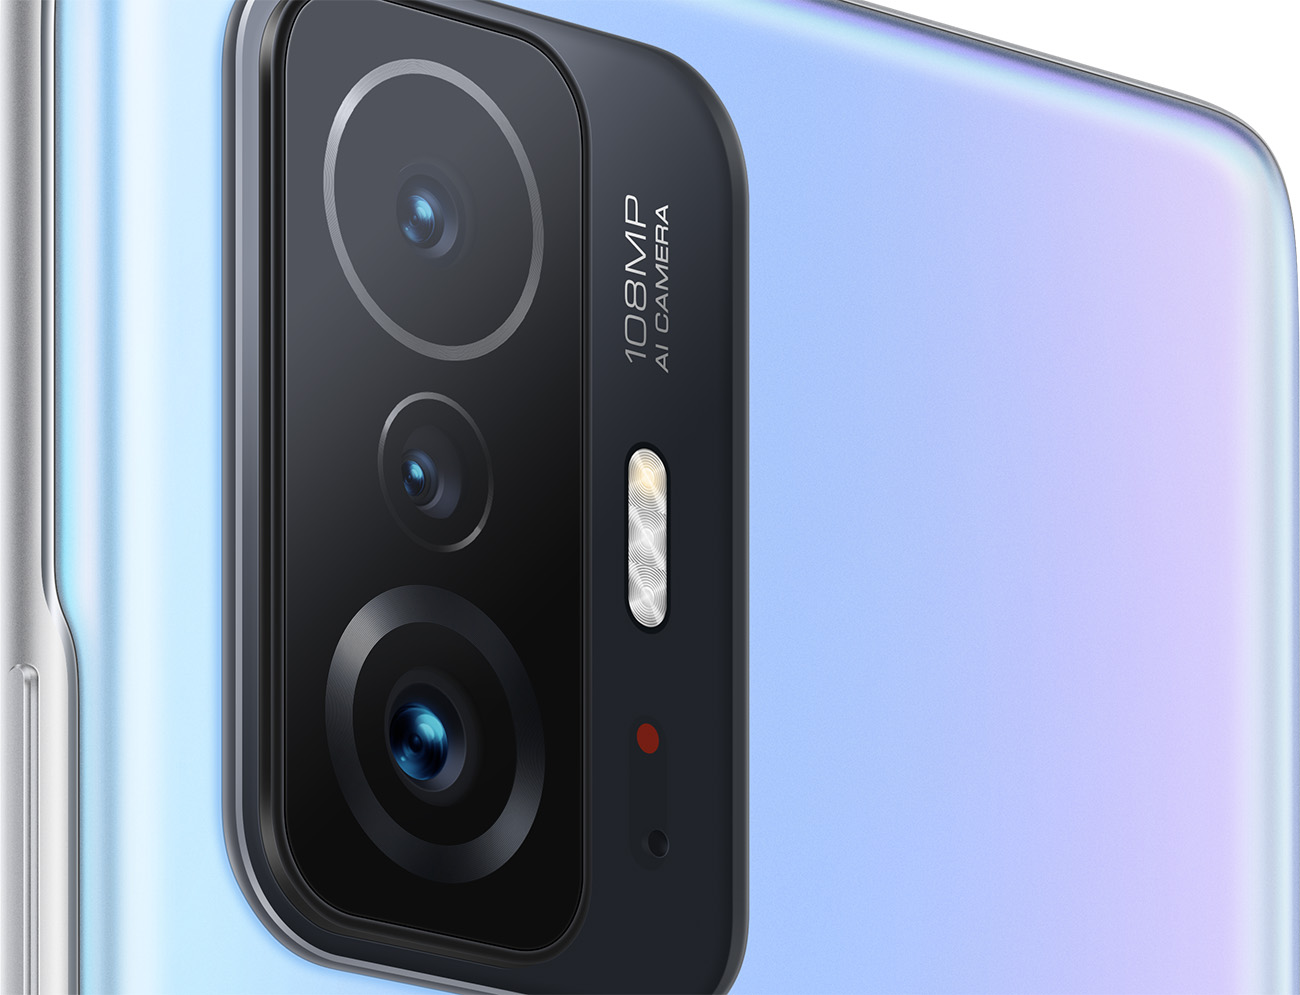 Xiaomi 11T: Επανάσταση στα κινητά τηλέφωνα – Τα τεχνικά χαρακτηριστικά